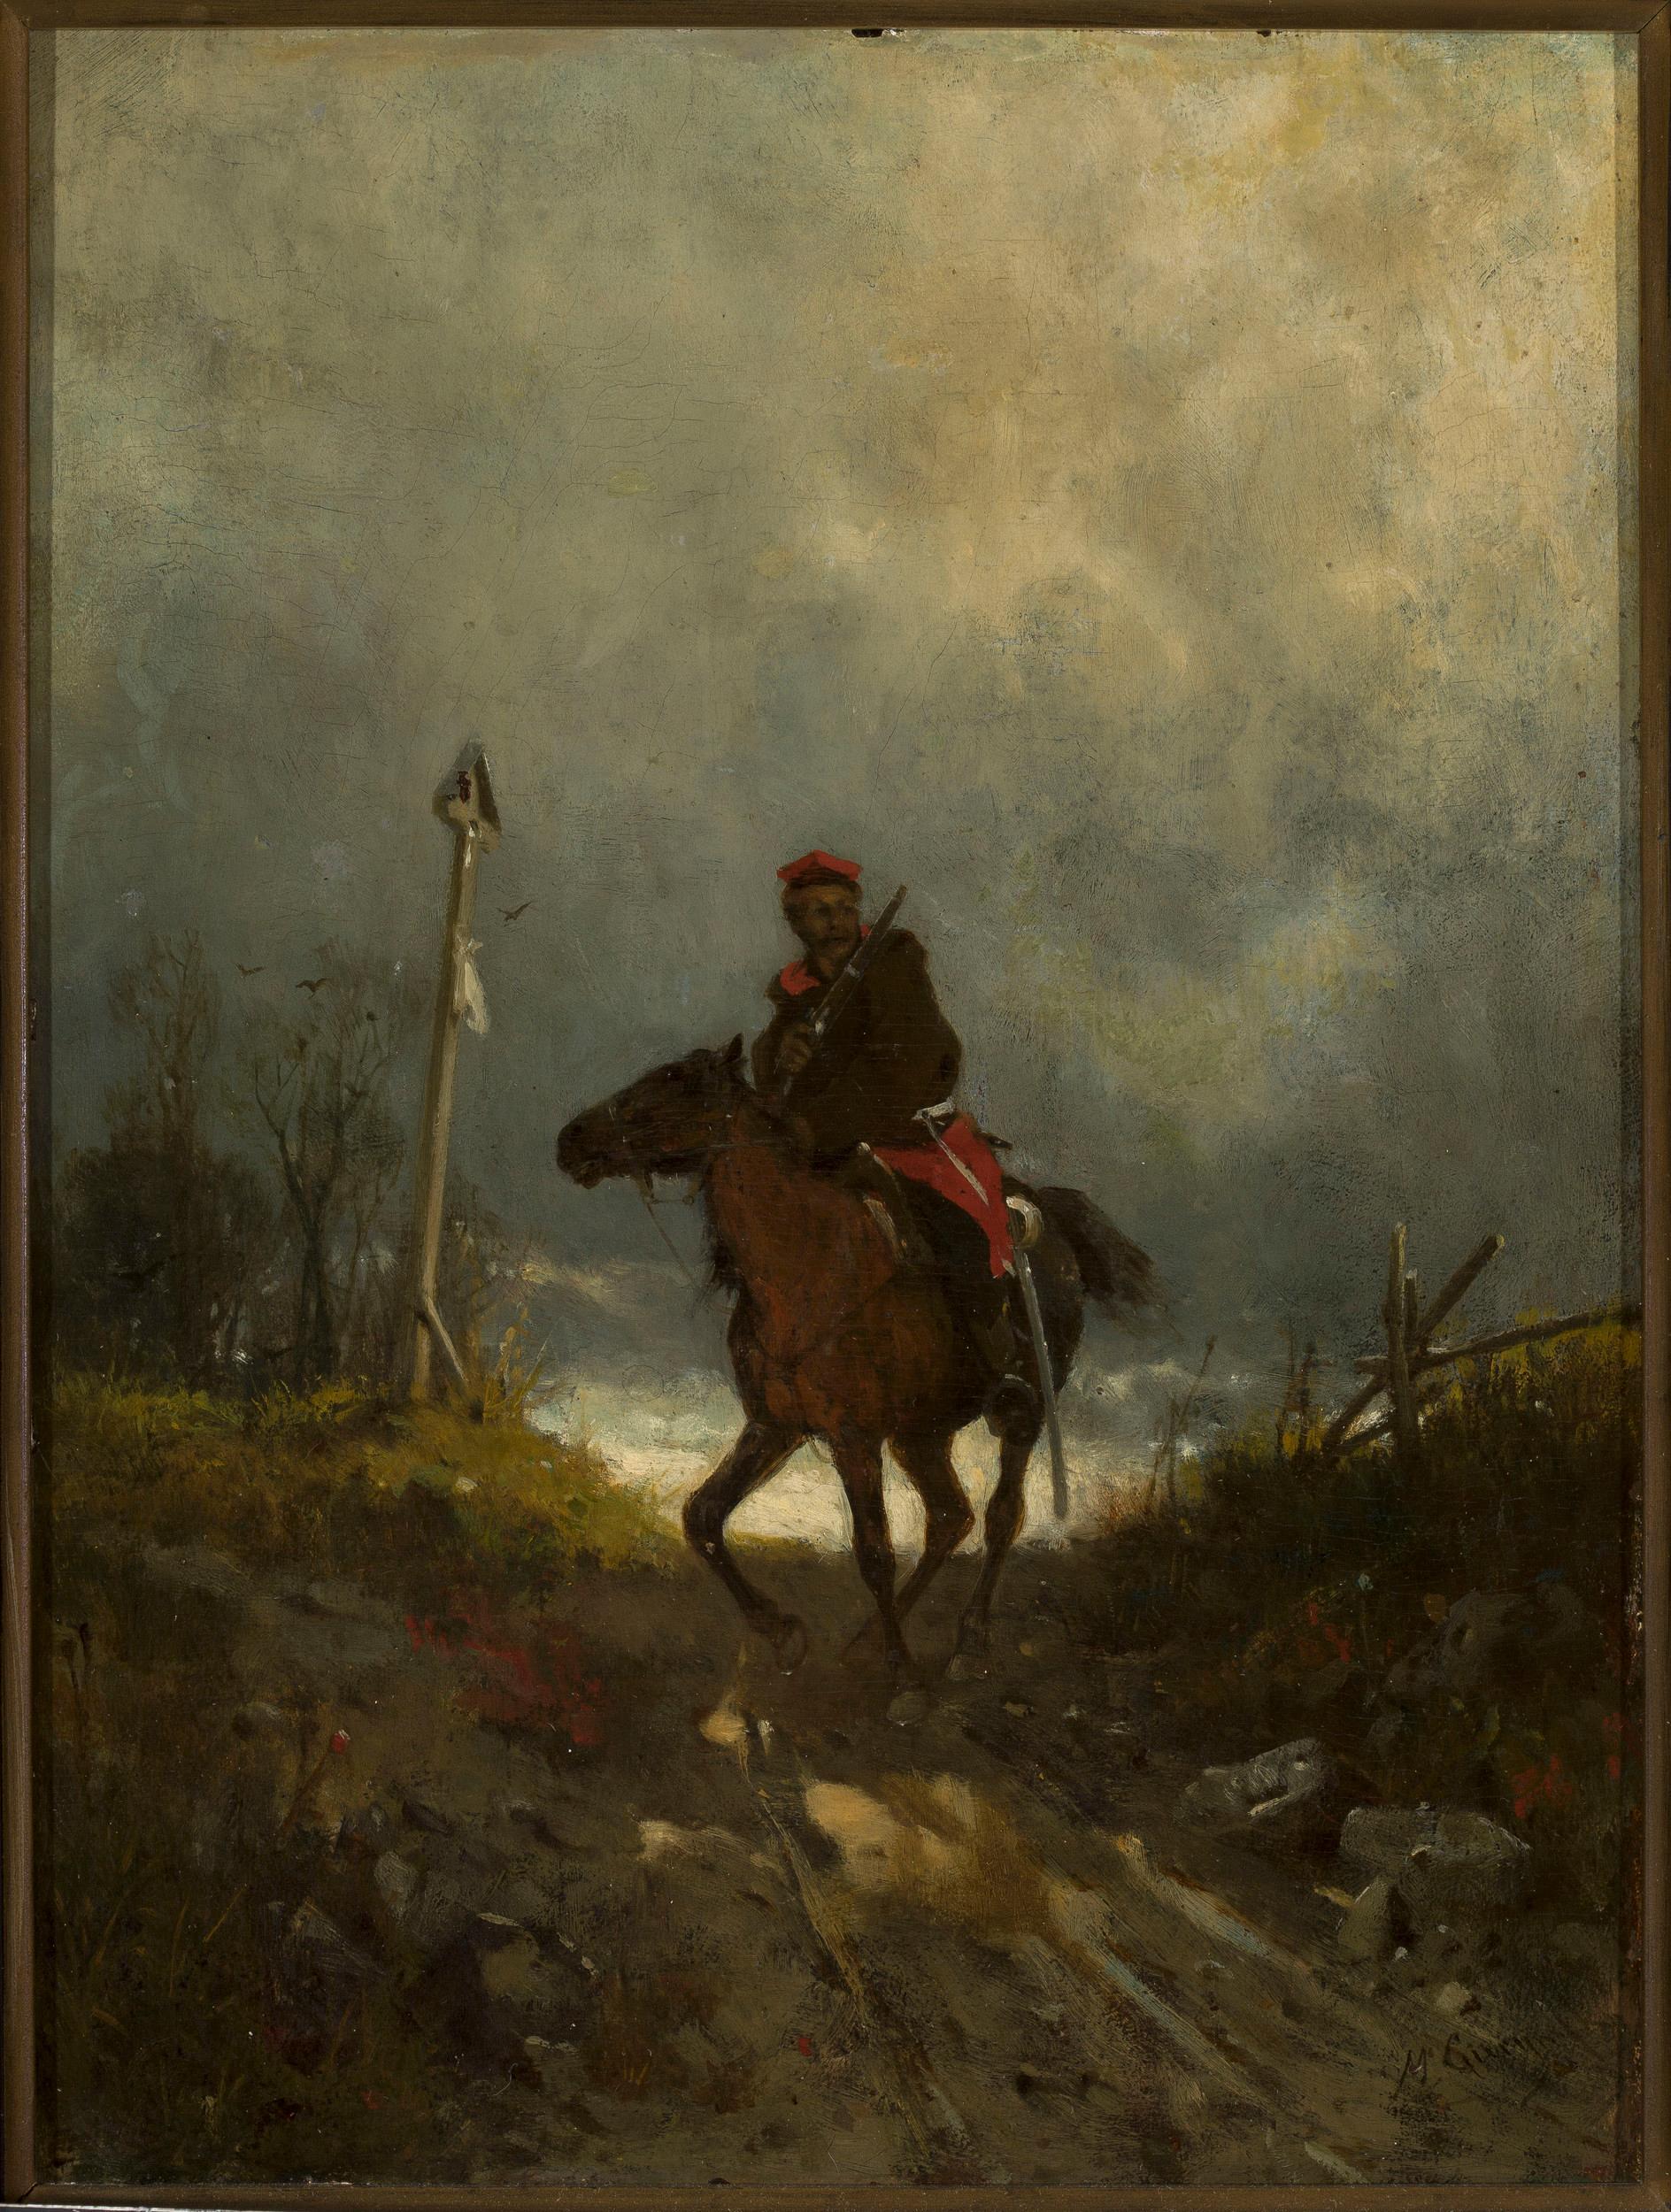 https://upload.wikimedia.org/wikipedia/commons/2/20/Maksymilian_Gierymski%2C_Powstaniec_z_1863_roku.jpg